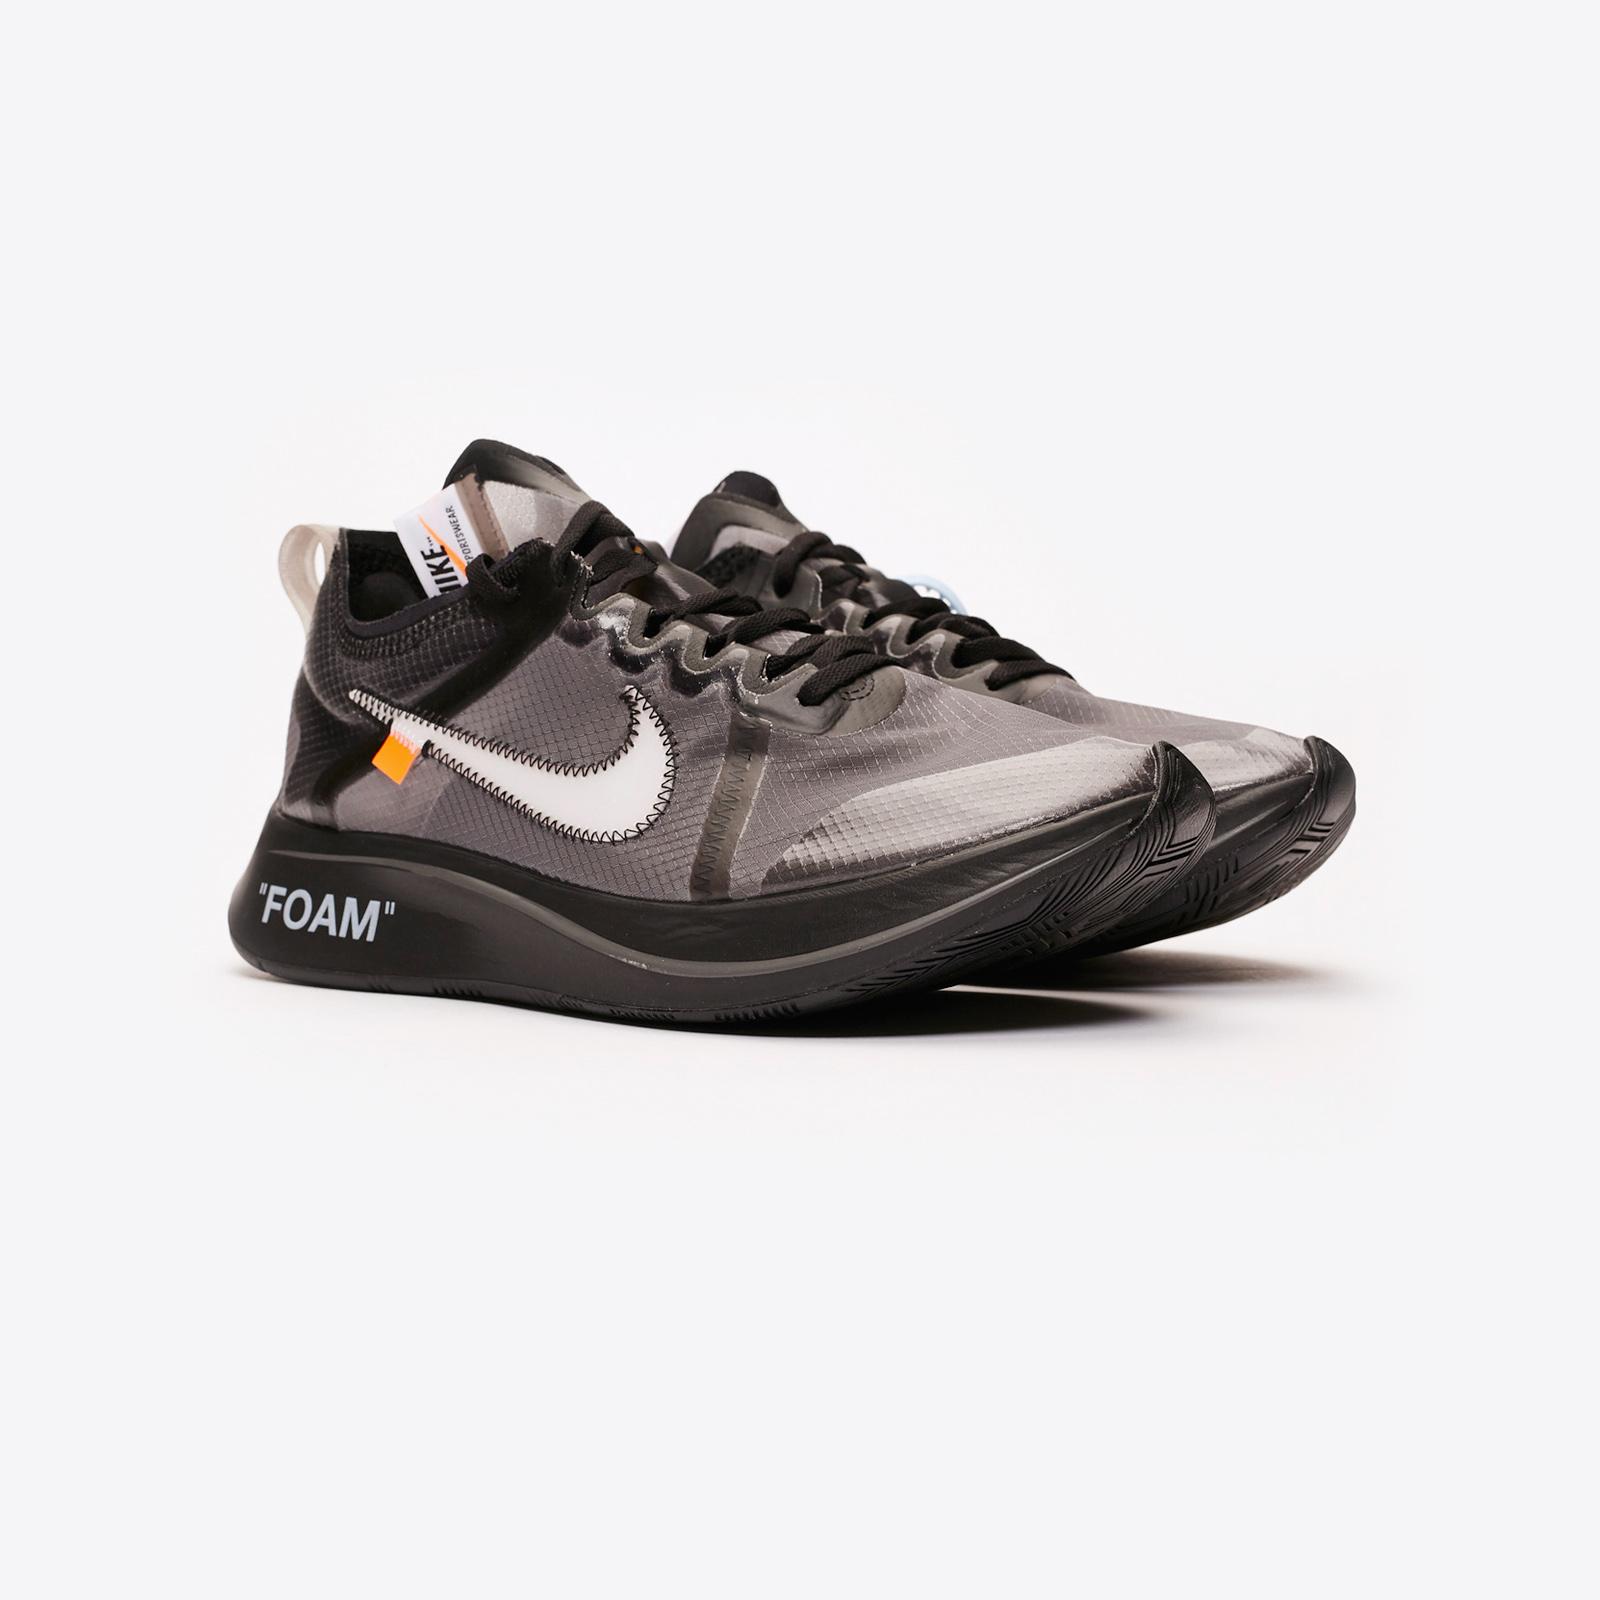 fb7623d4 Nike The 10: Zoom Fly - Aj4588-001 - Sneakersnstuff | sneakers ...